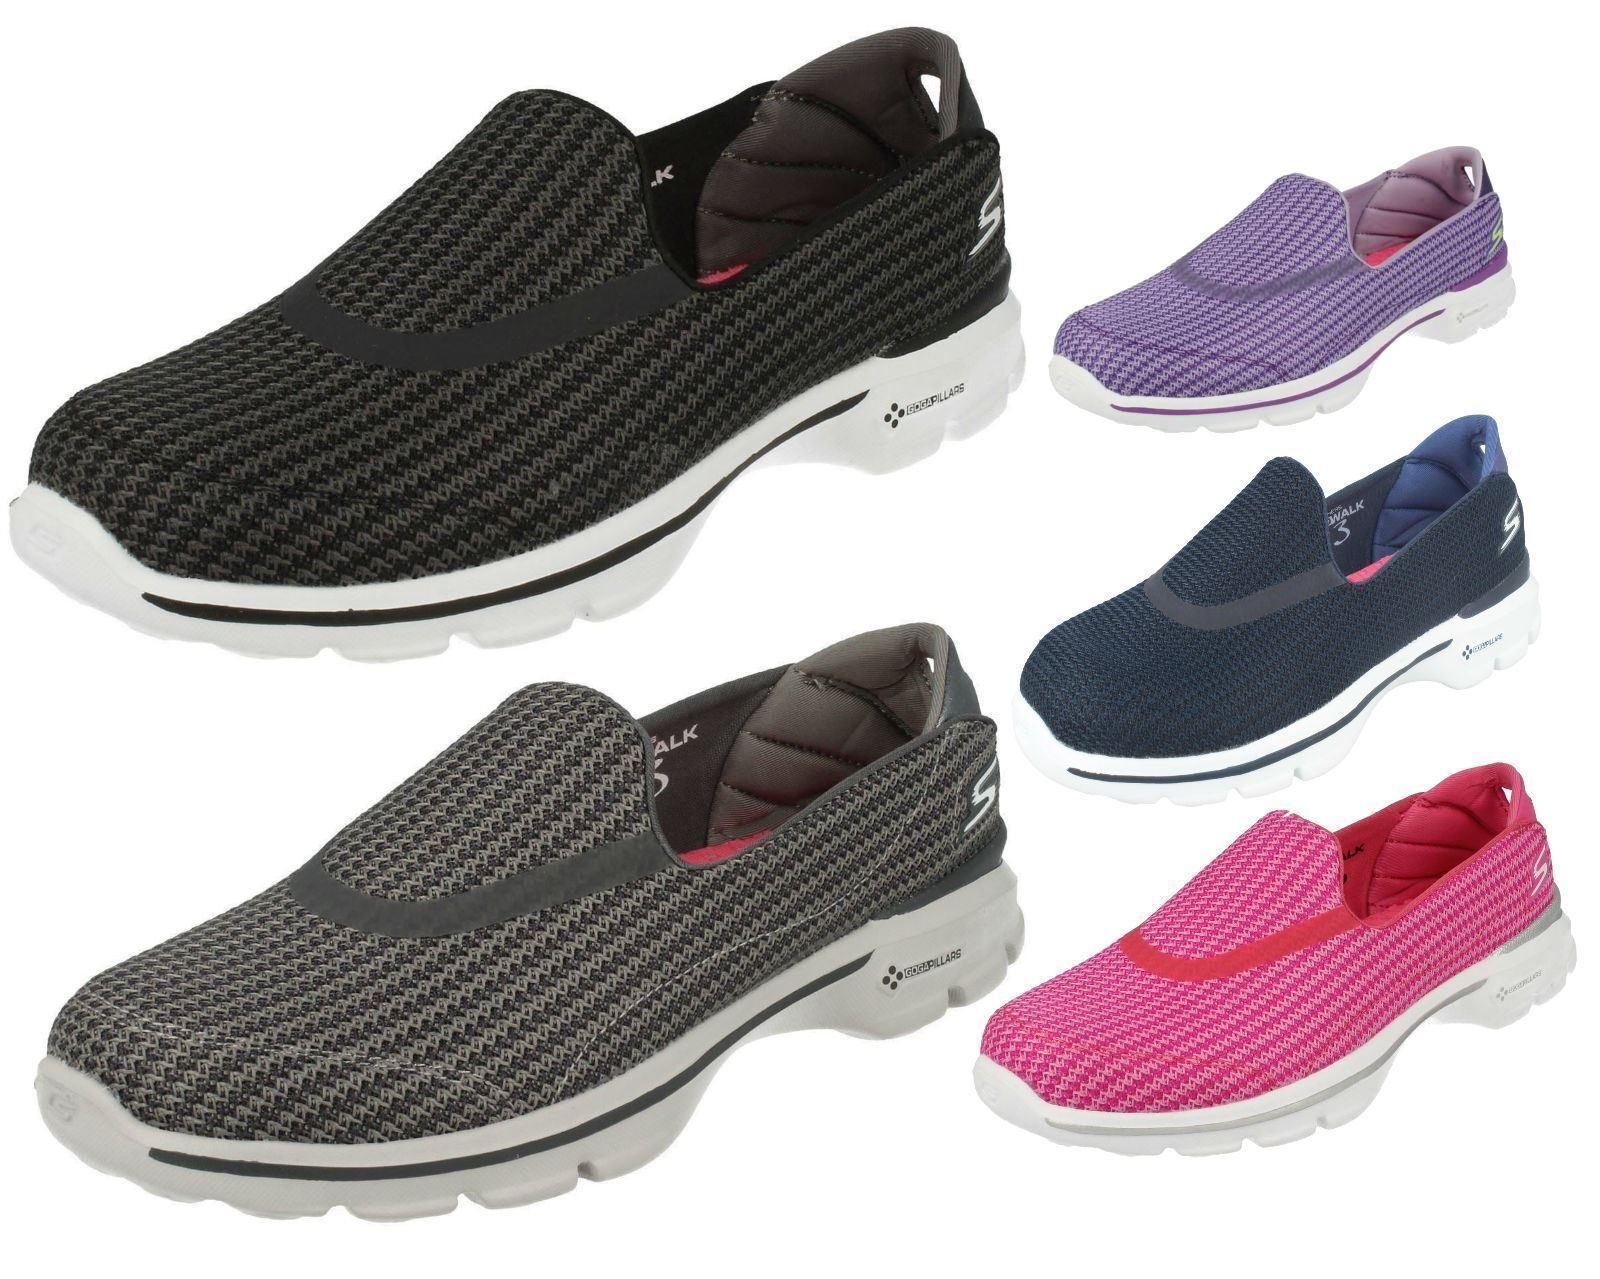 LADIES SKECHERS '13980' GO WALK SHOE 3-SUPER SOCK SLIP ON SHOE WALK db16e8